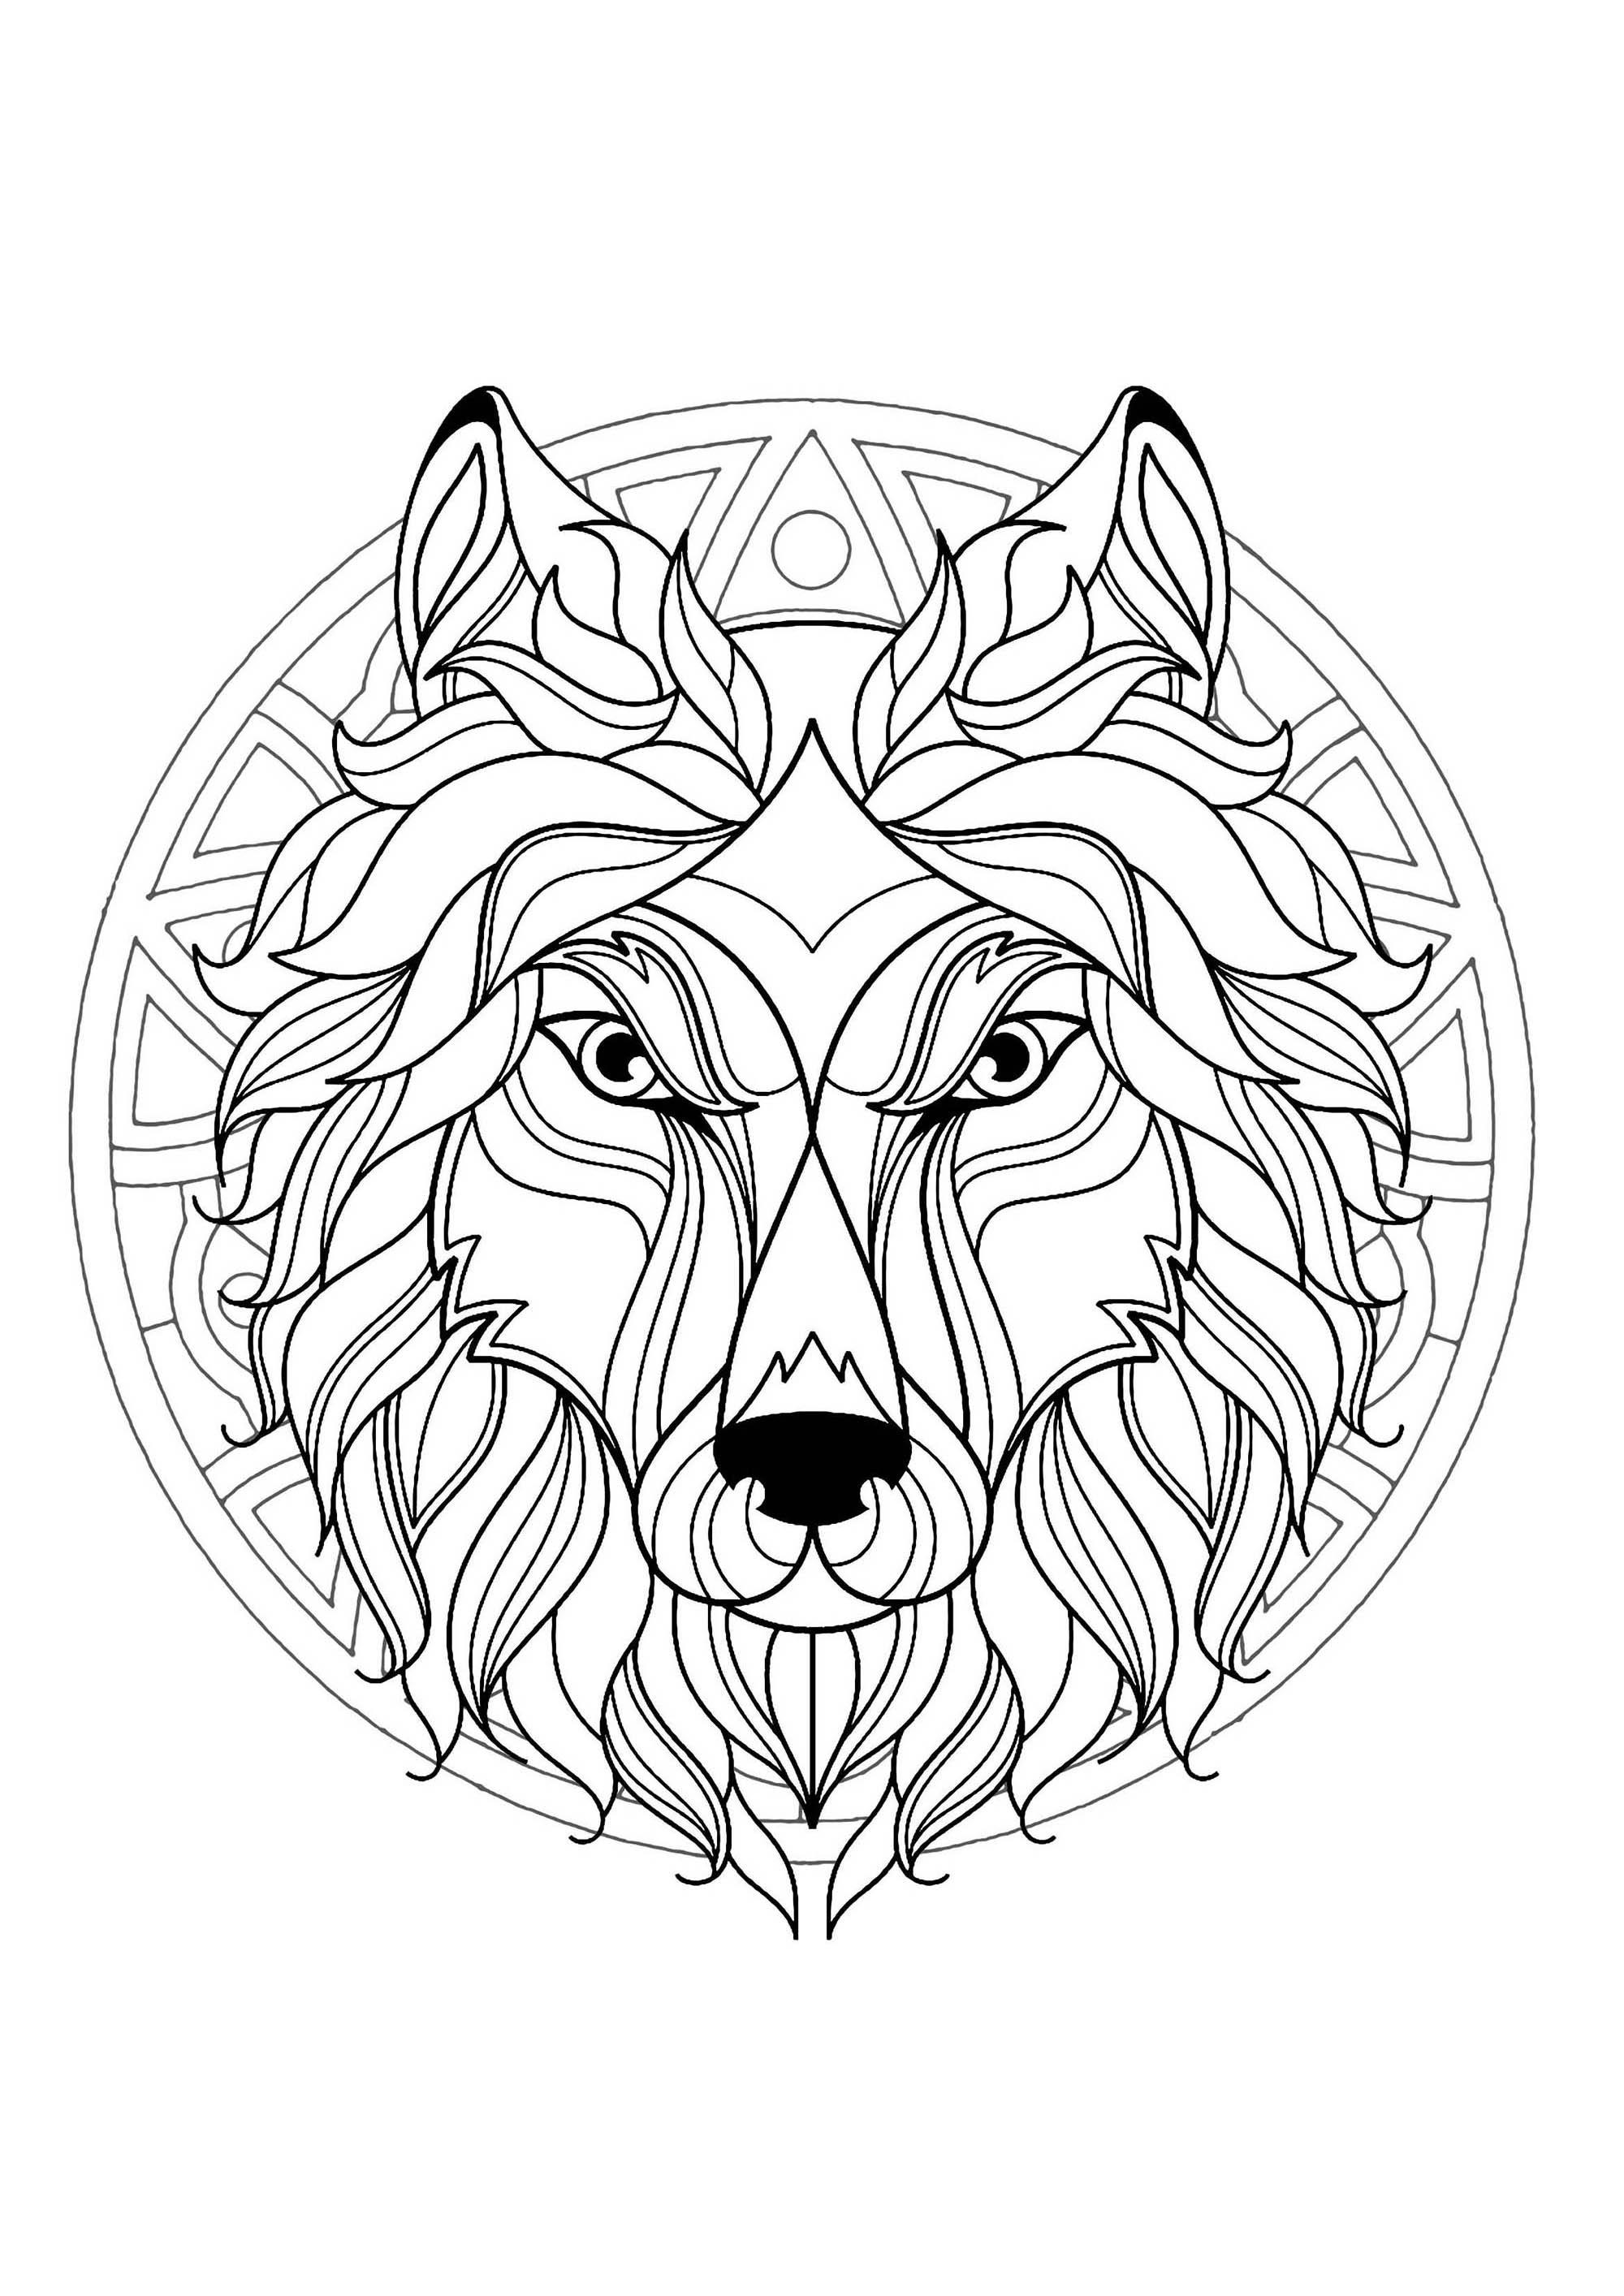 Mandalas 61748 mandalas colorear para adultos - Mandalas de tigres ...